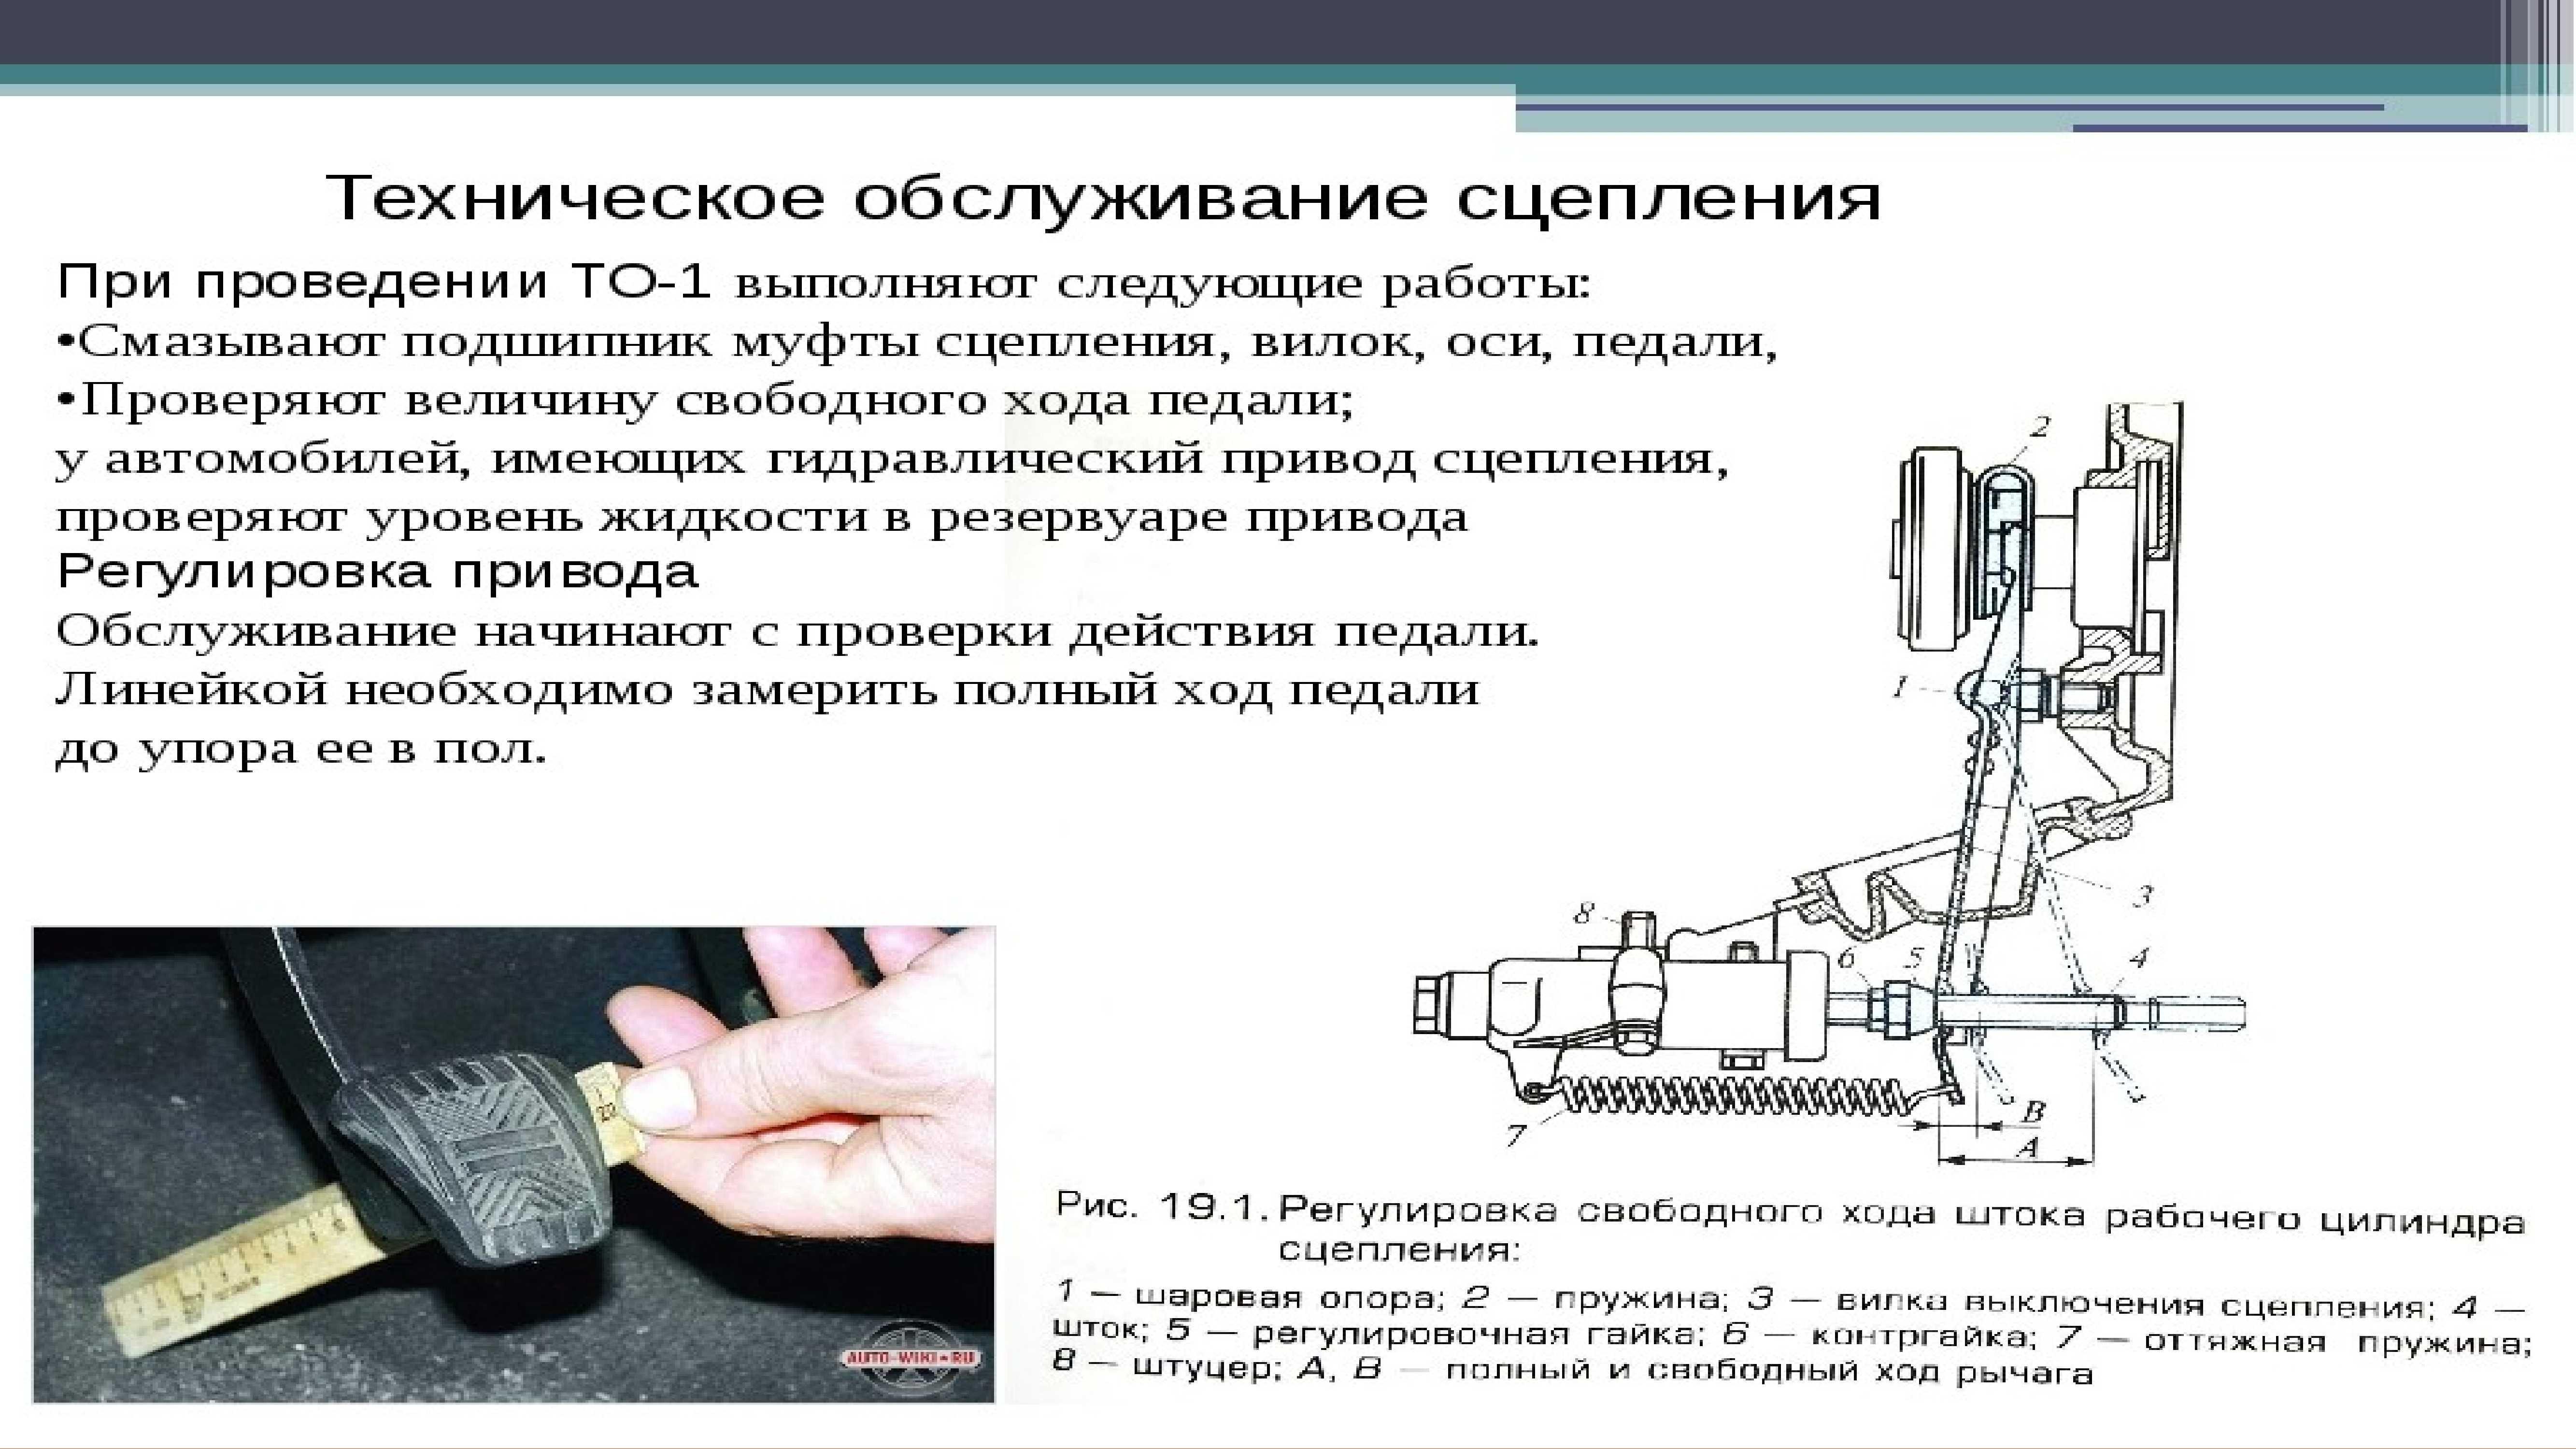 Техническое обслуживание агрегатов трансмиссии